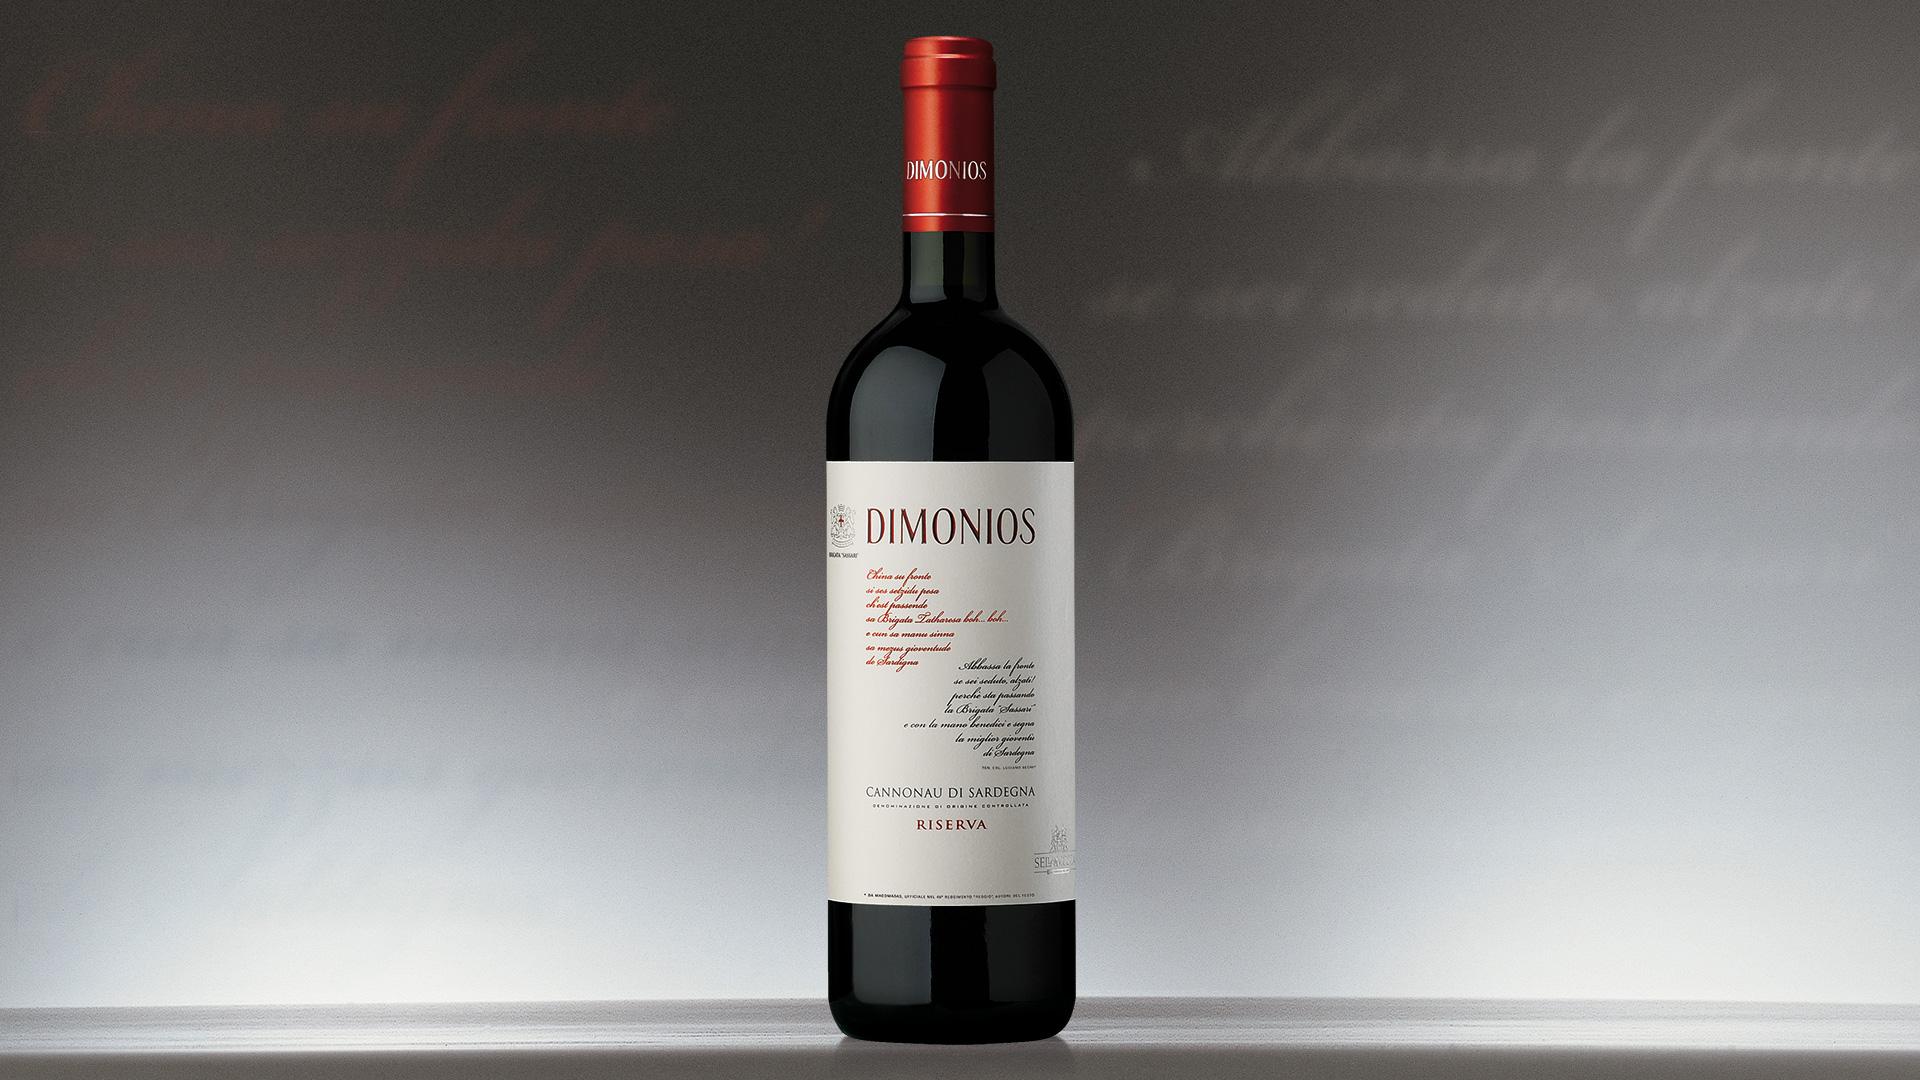 Campari Wines Dimonios packaging